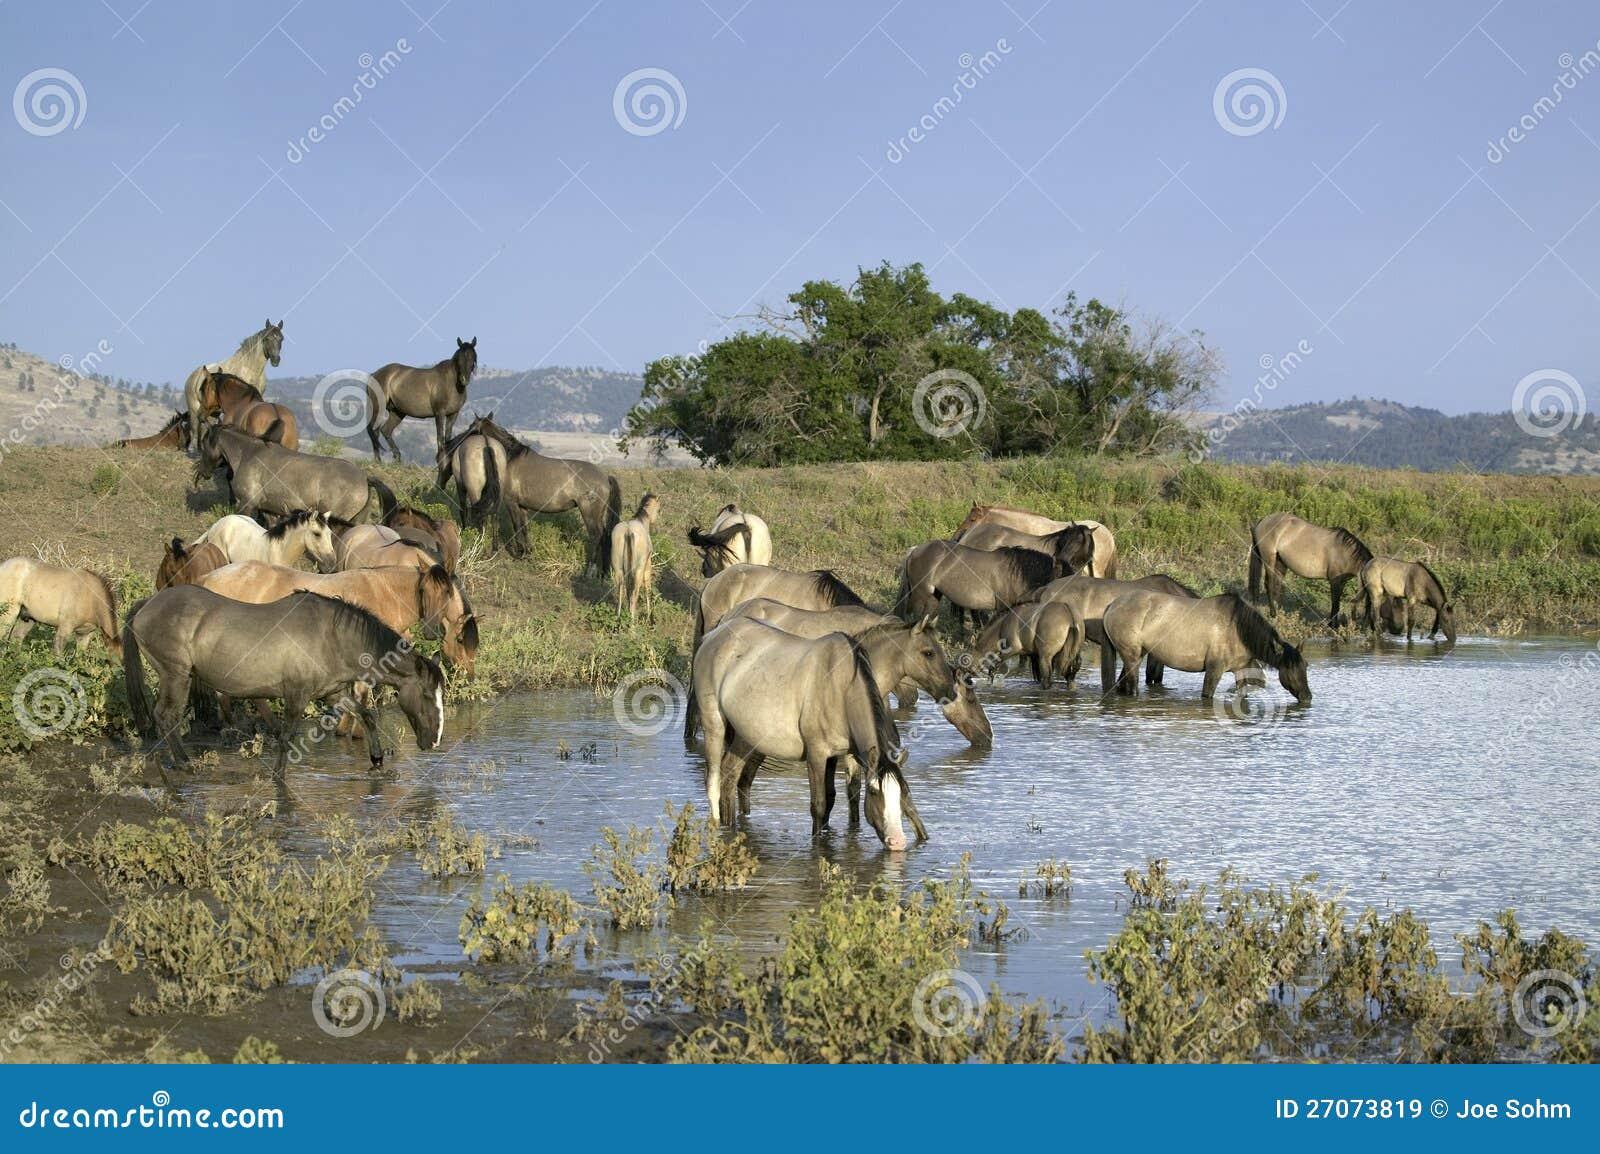 Large Group Of Wild Horses Stock Image Image Of Landscape 27073819